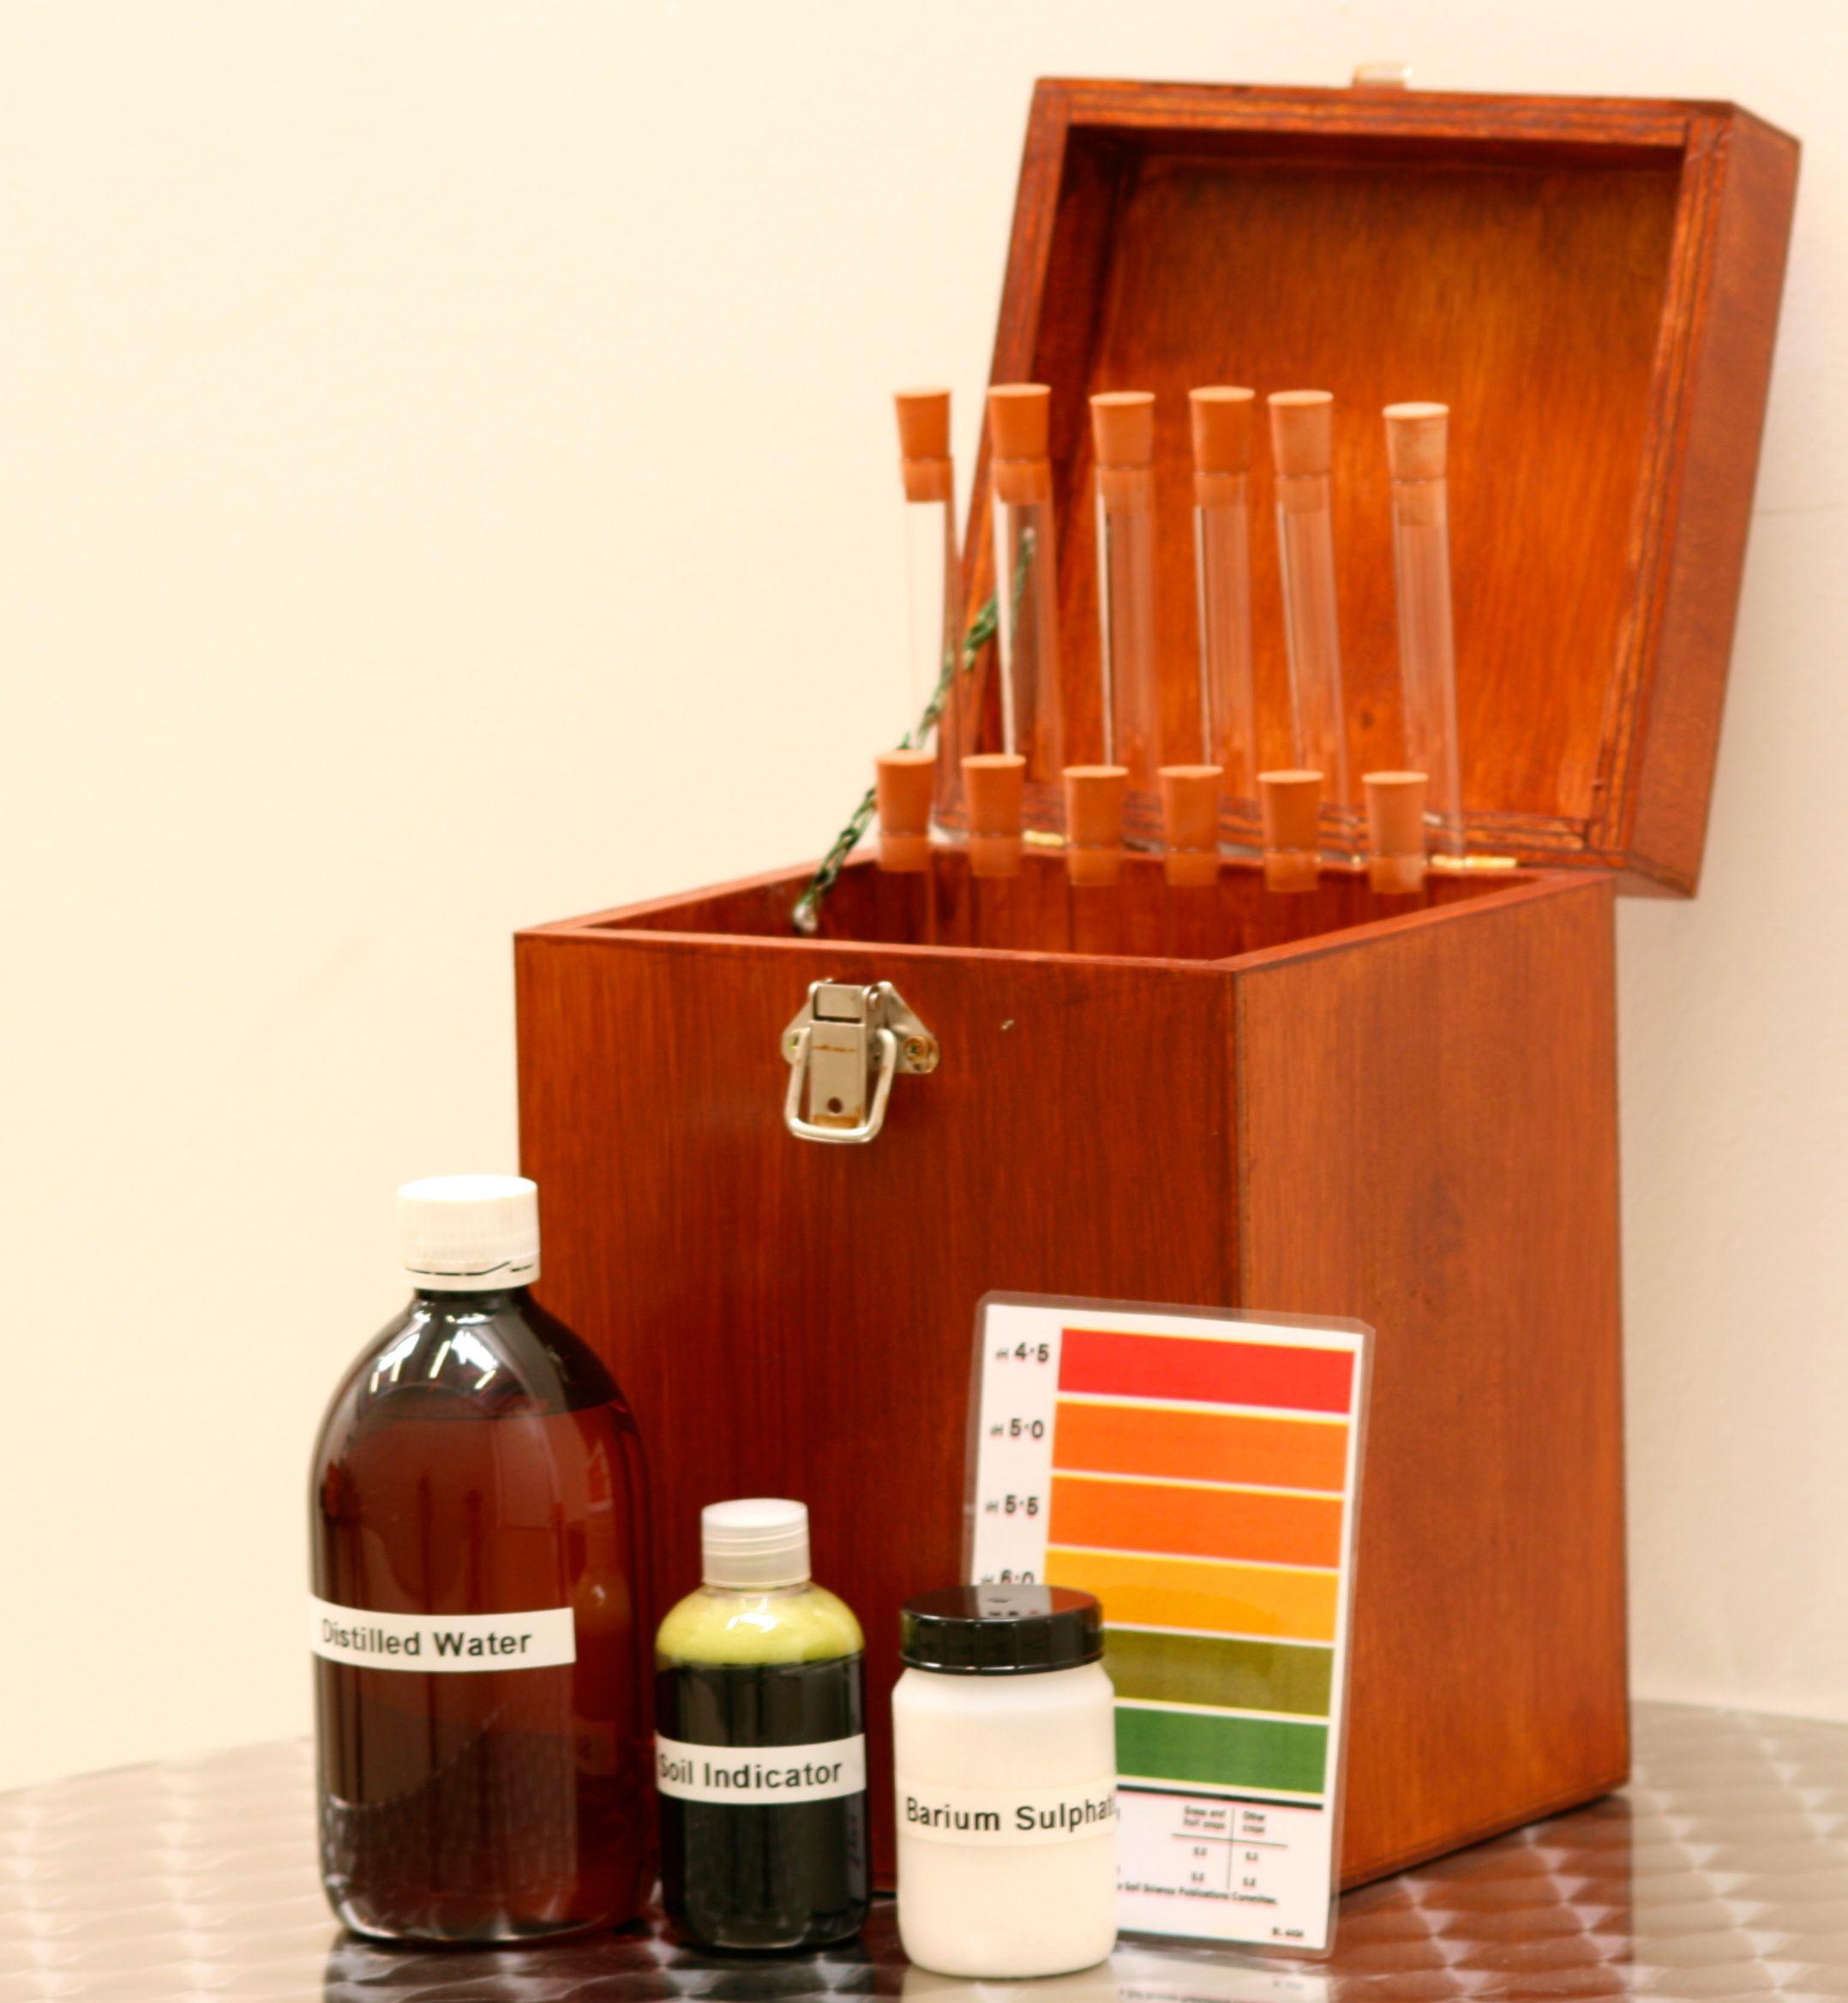 Mount liming buy a soil ph testing kit for Soil nutrient test kit